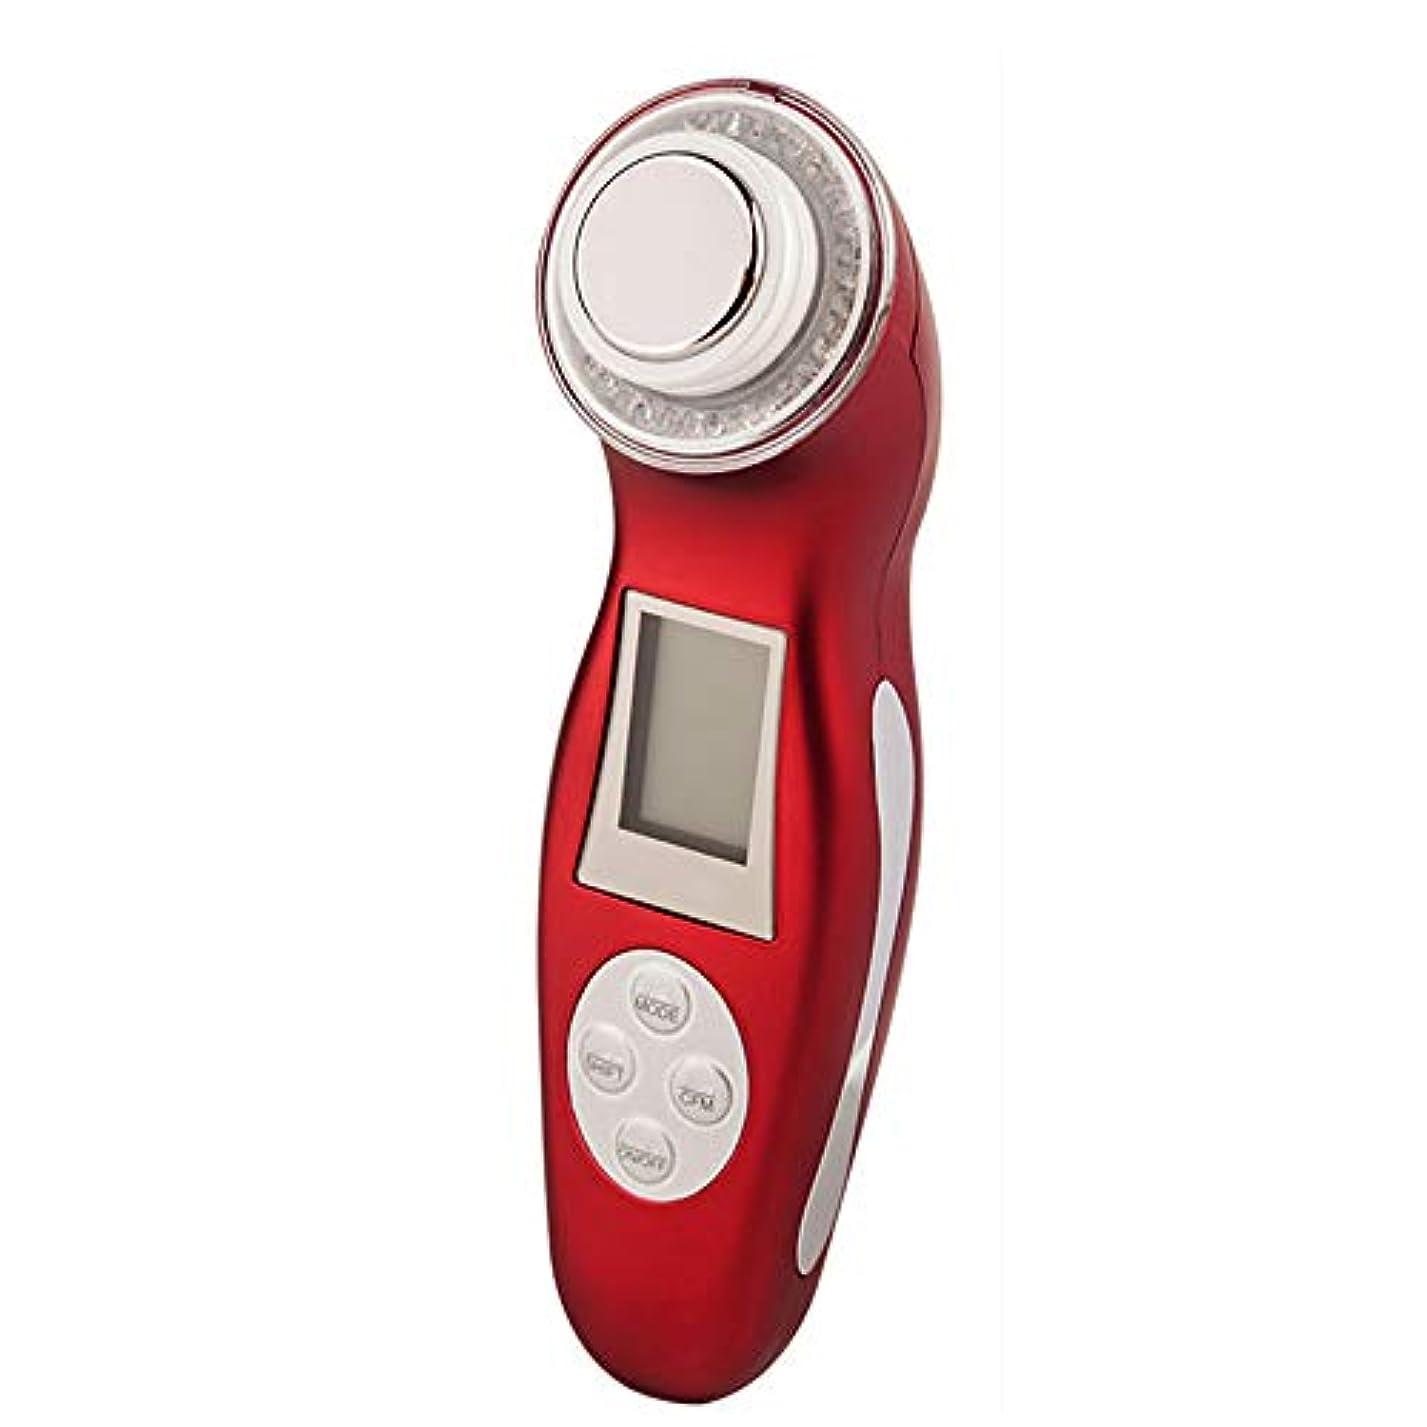 予感漂流拡散する引き締め美容装置3色光モードリフティングスキン、若返り顔マッサージしわ白くスキンケア器具,Red